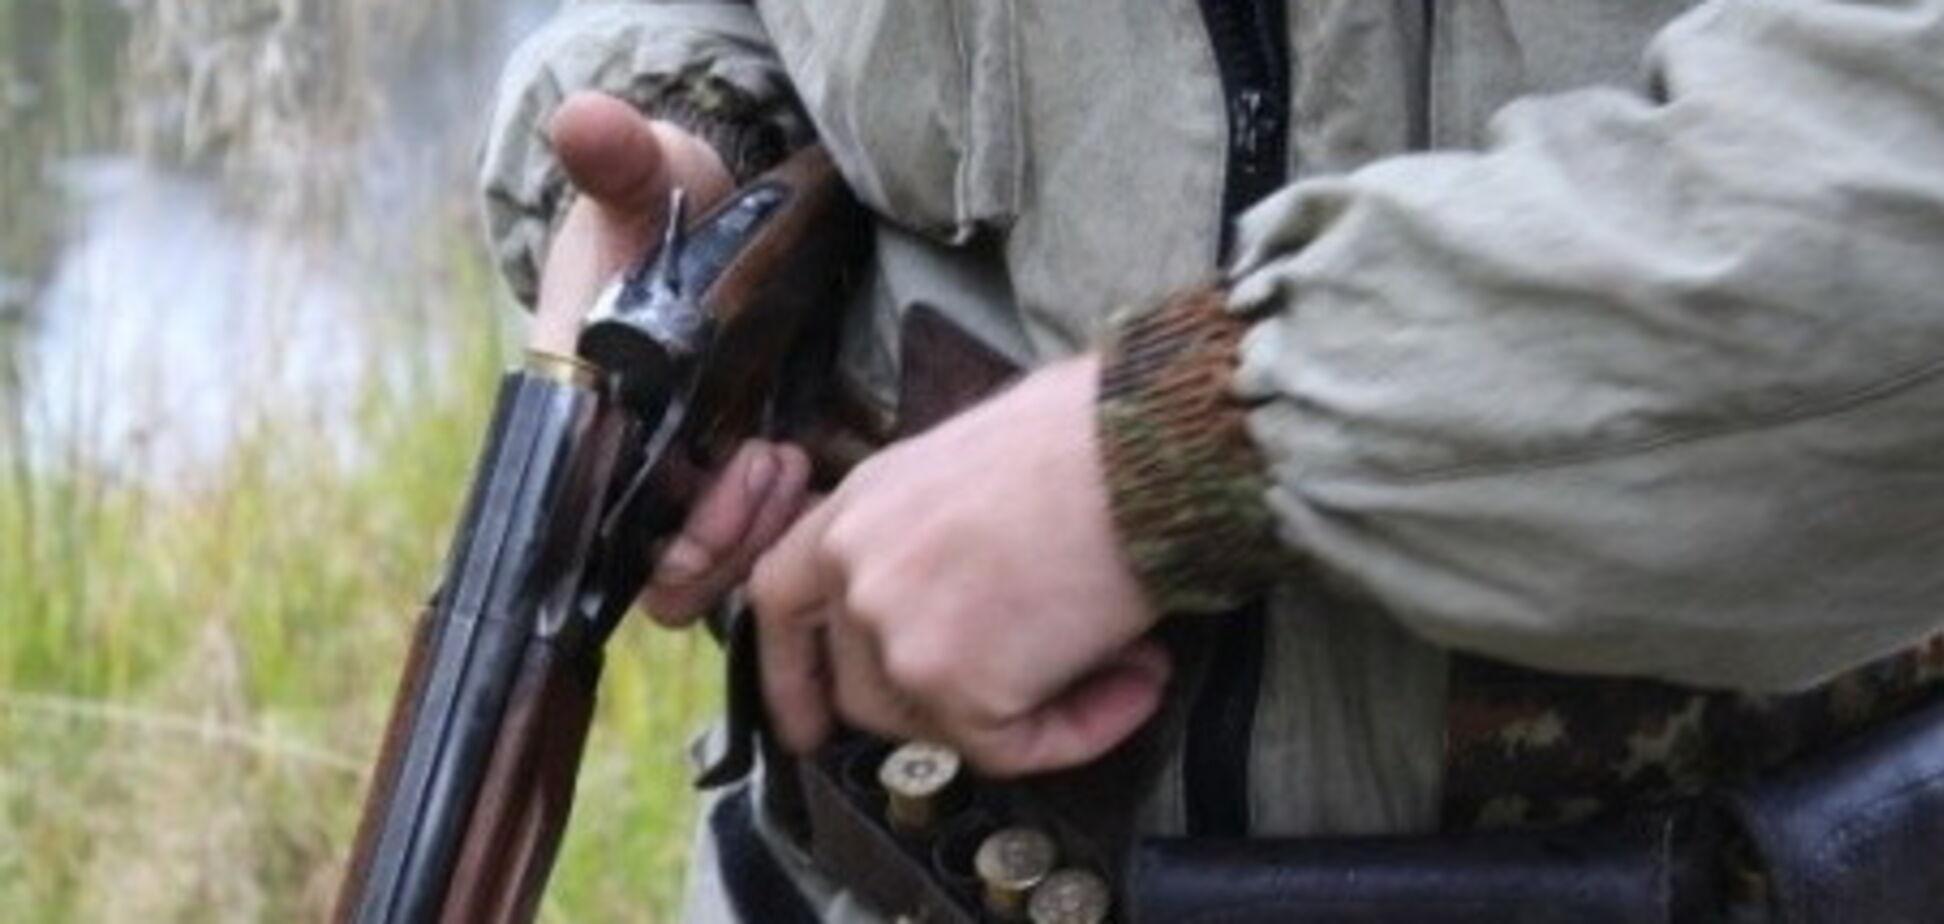 У заповіднику Київщини браконьєри жорстоко познущалися з тварин: фото 18+